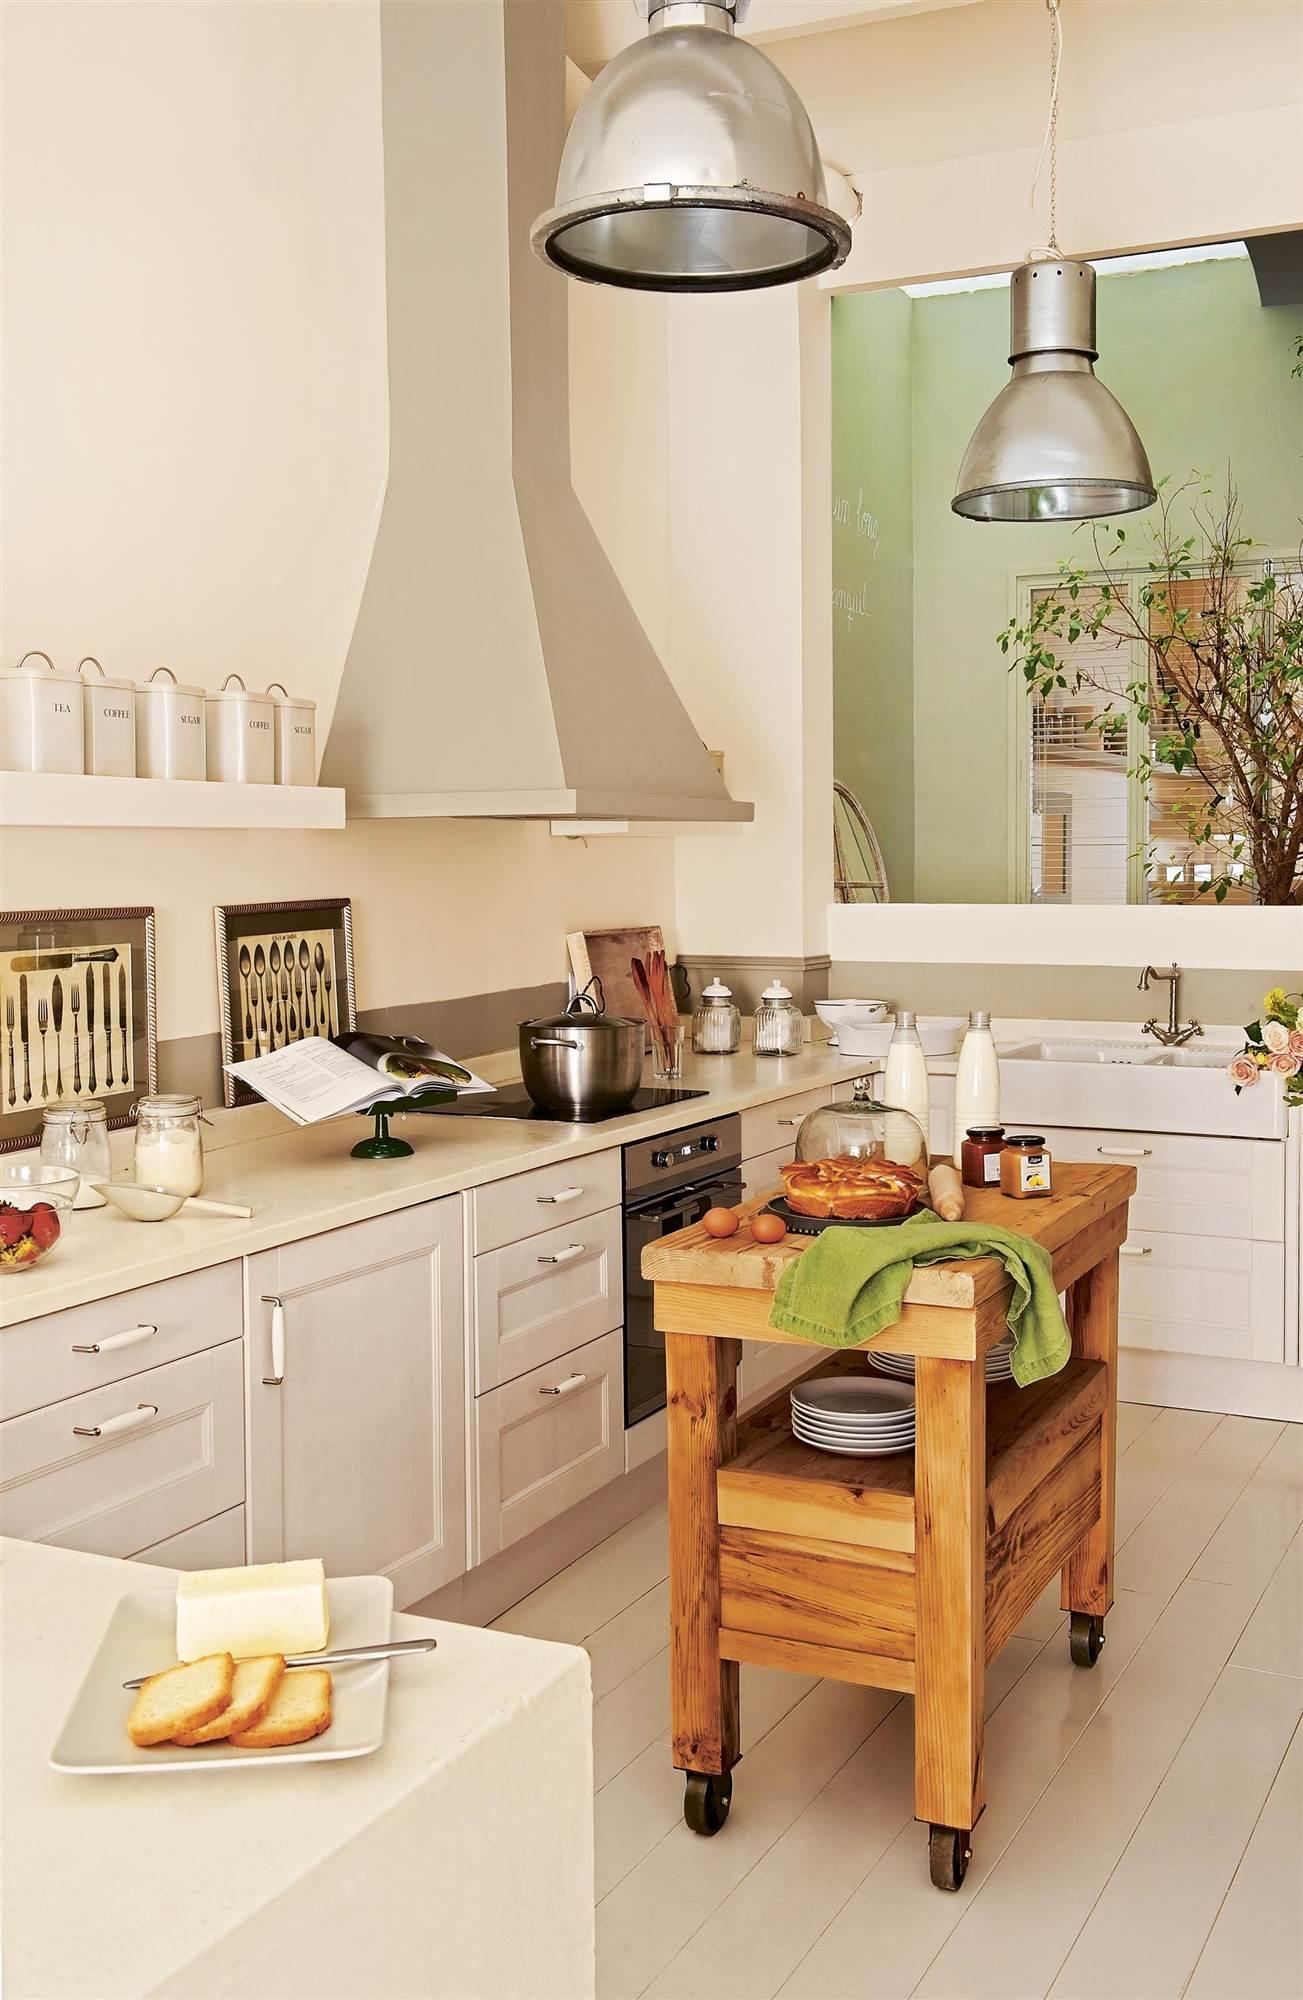 Muebles de cocina elmueble for Cocinas rusticas ikea